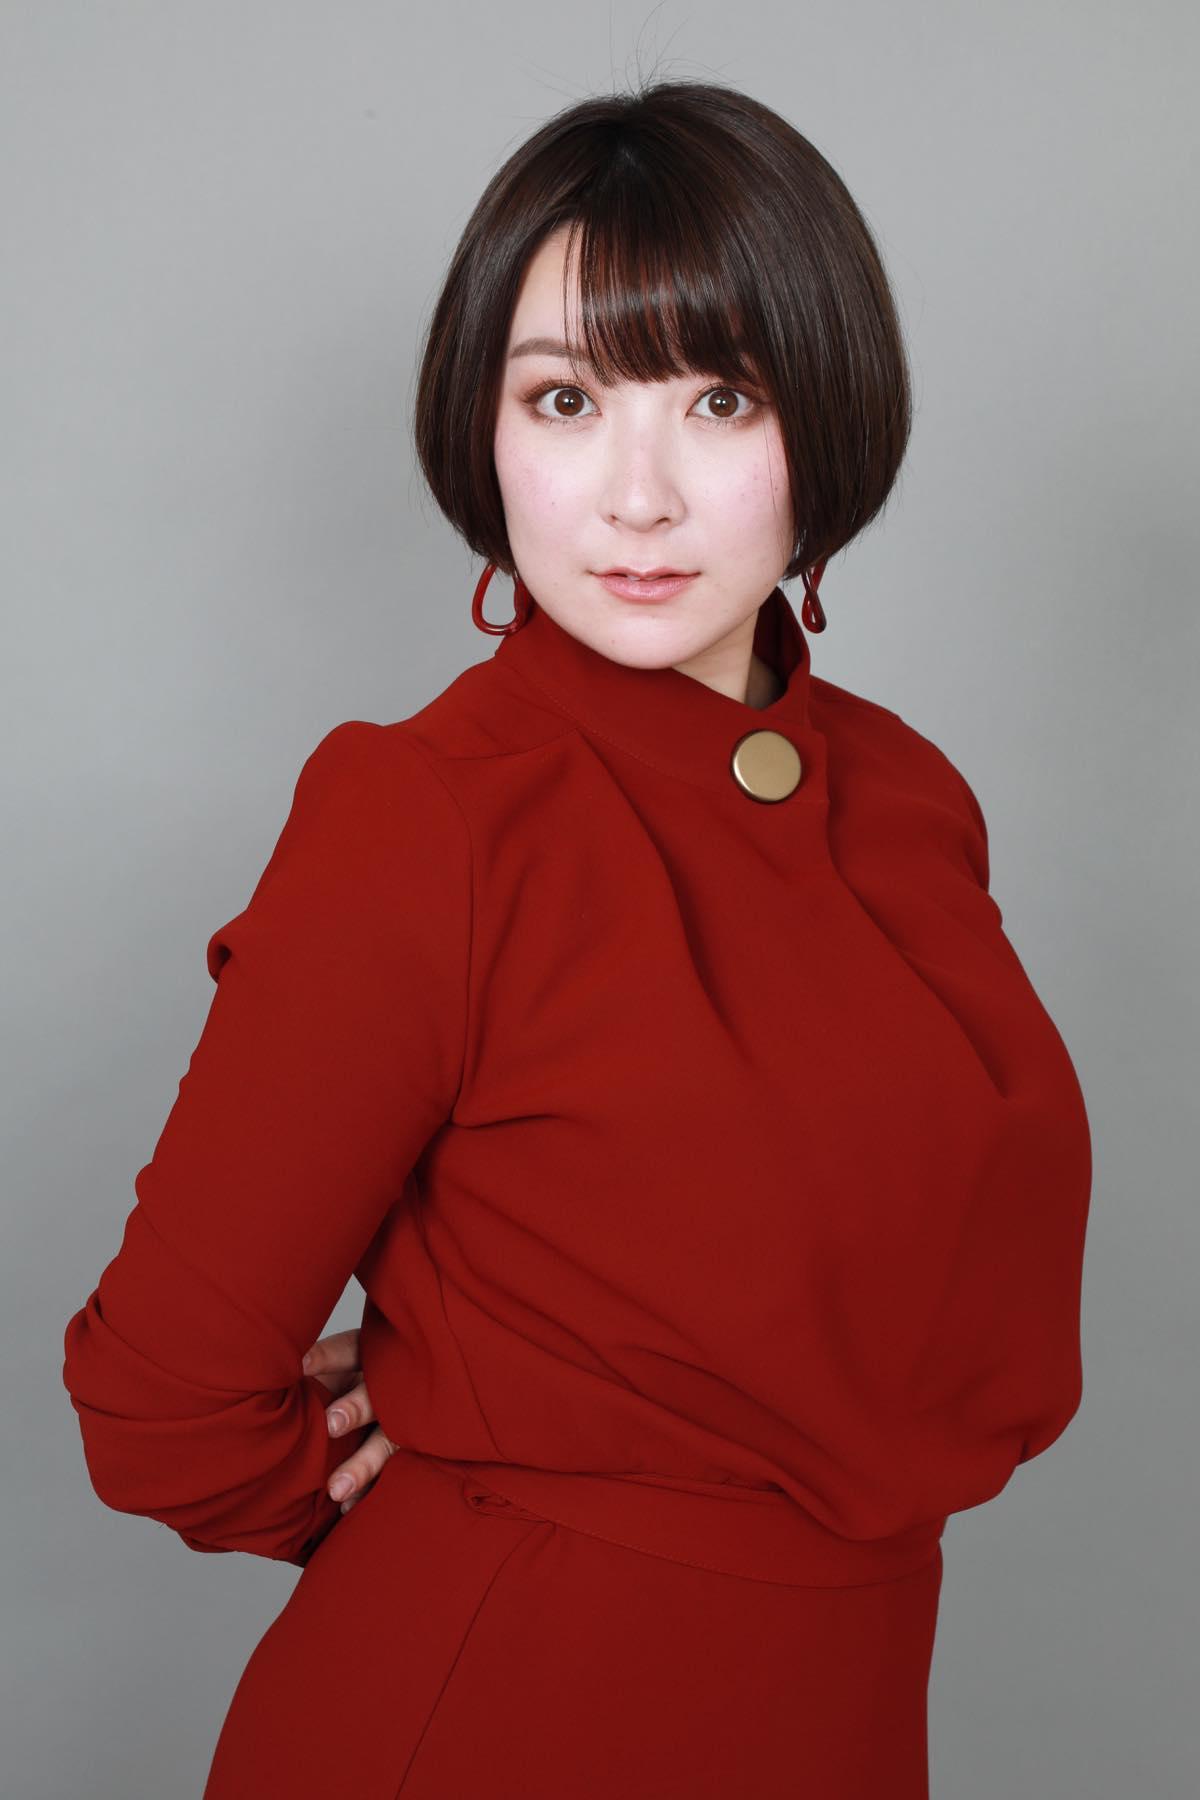 「105cmバスト」紺野栞の画像37